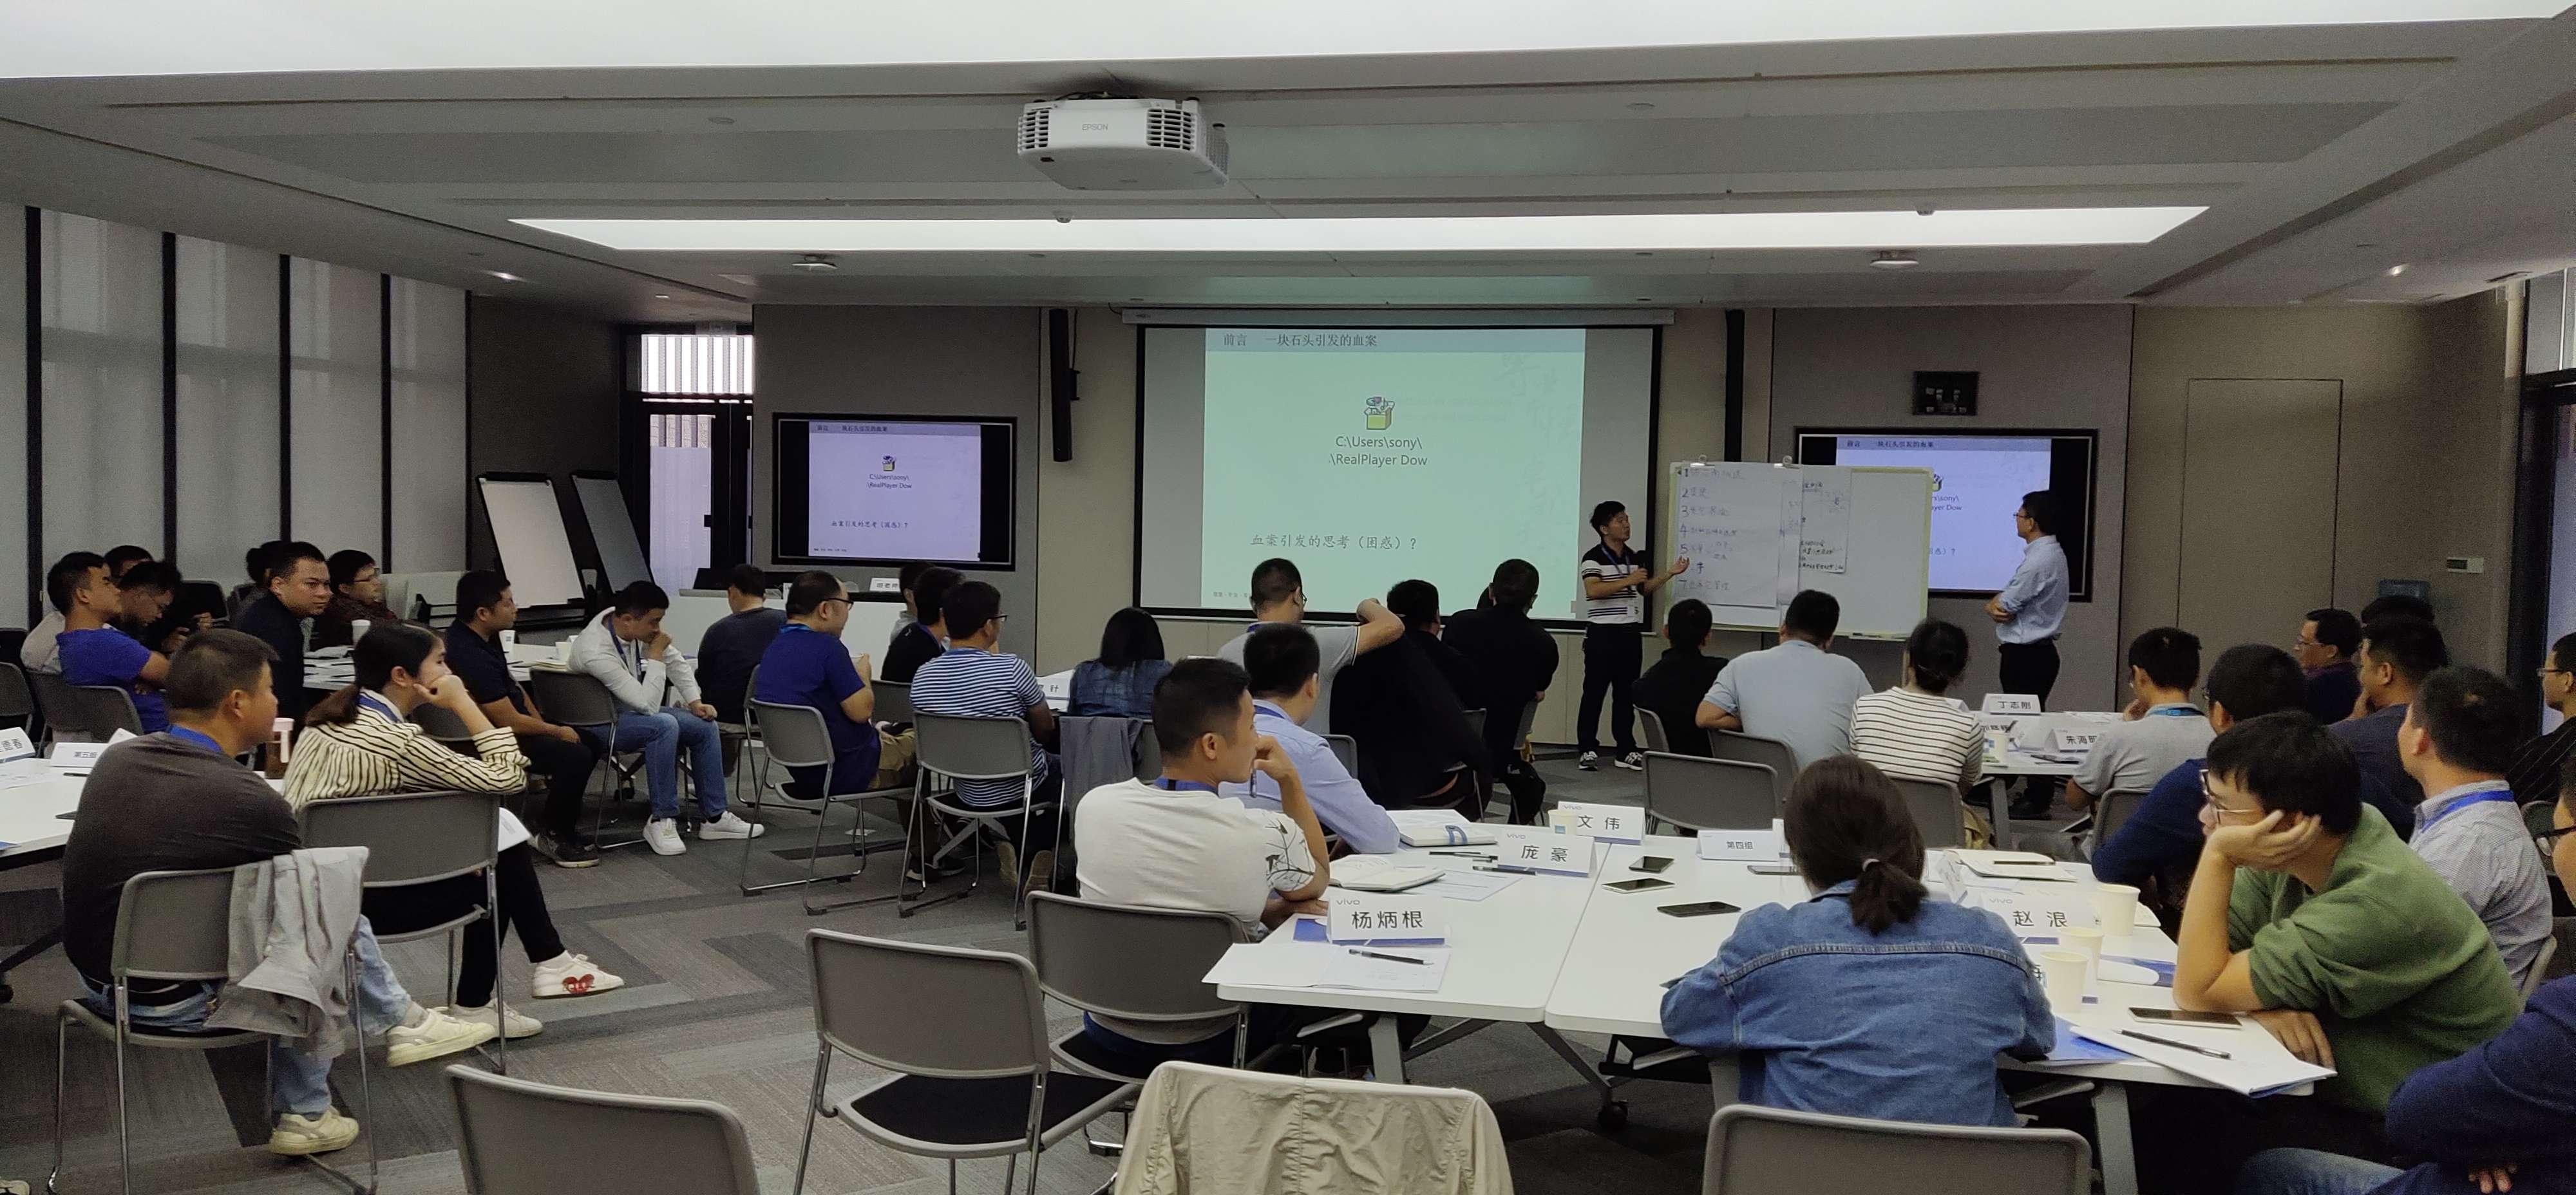 中房商学院为深圳某企业成功实施《工程项目管理与监控》内训